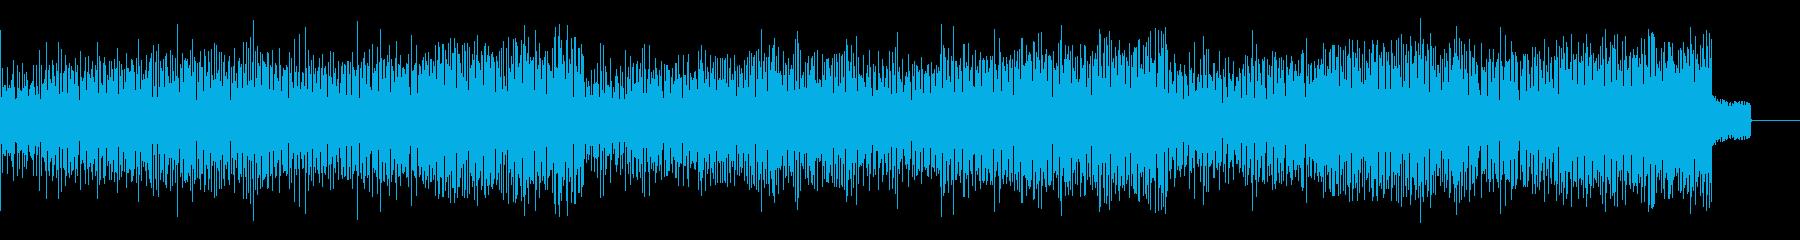 アツいバトル系テクノ バックグラウンドの再生済みの波形